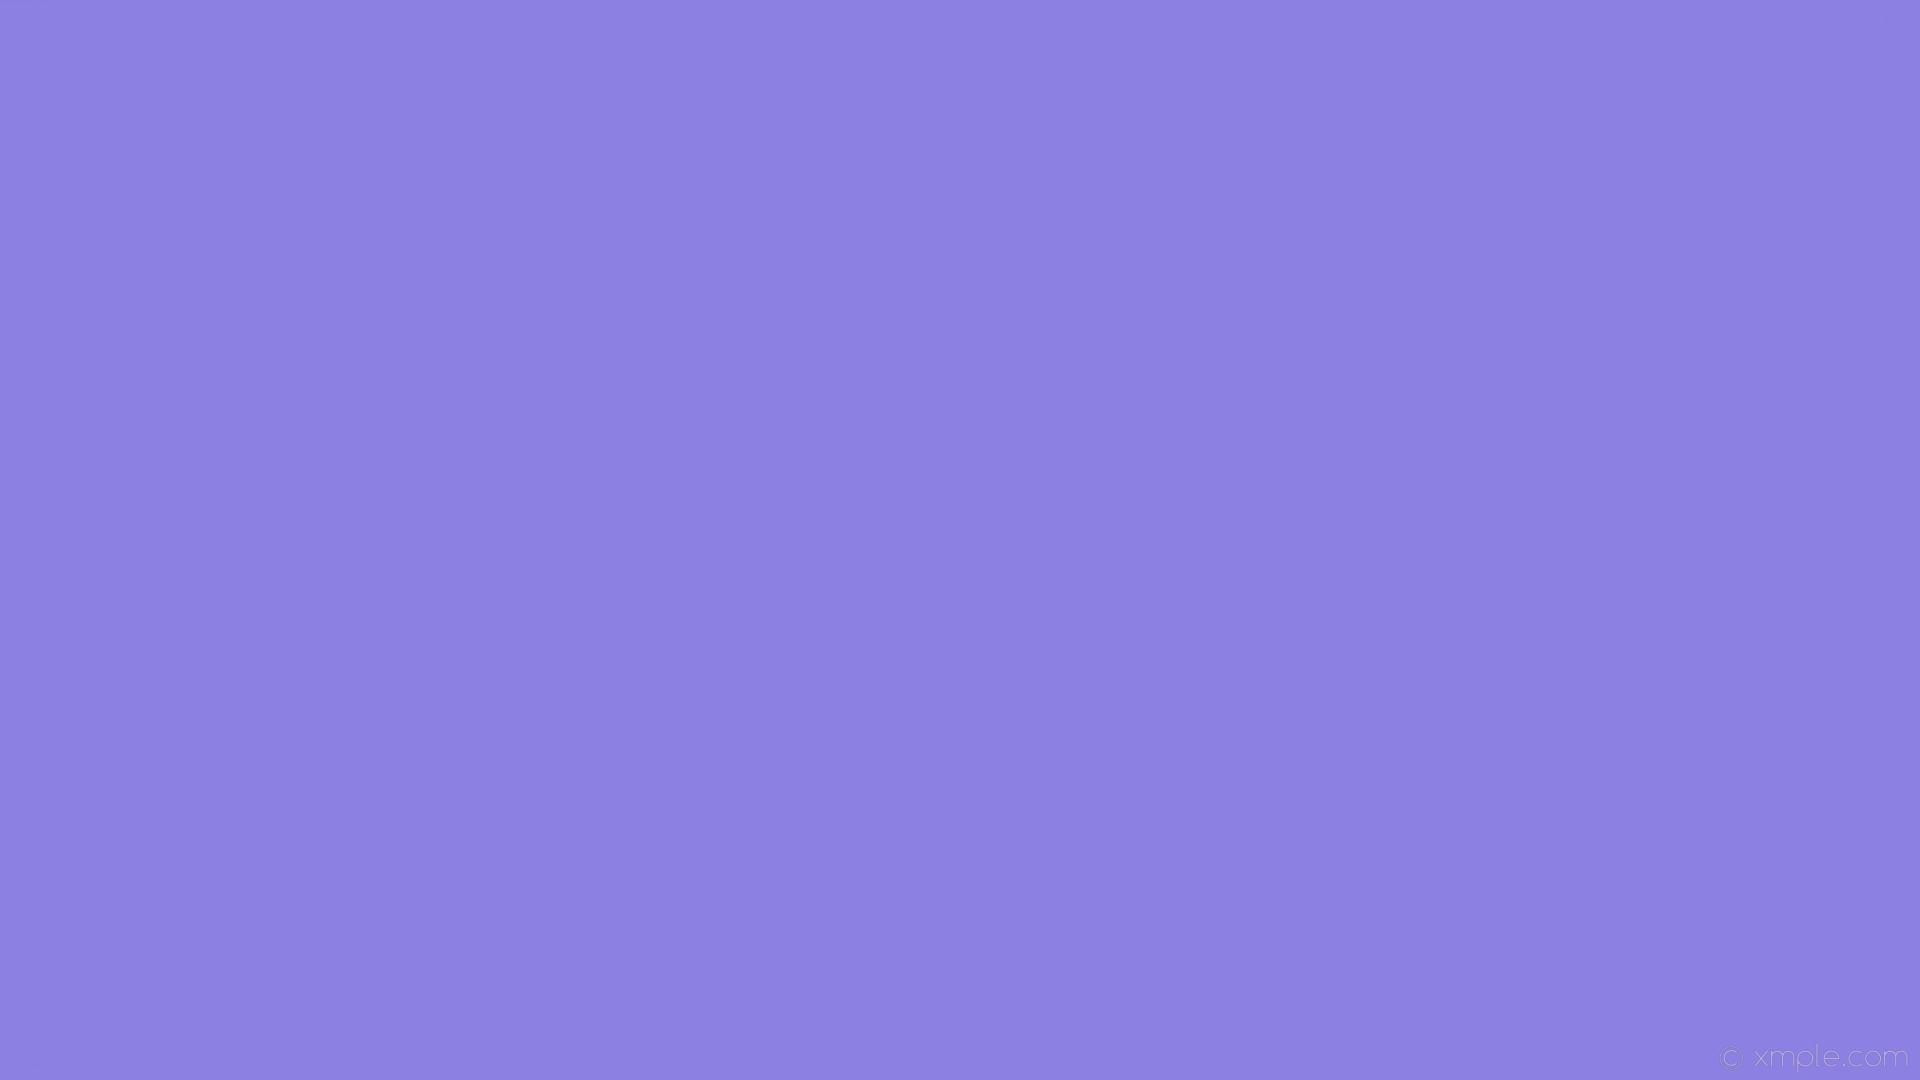 wallpaper blue one colour solid color single plain #8c80e3